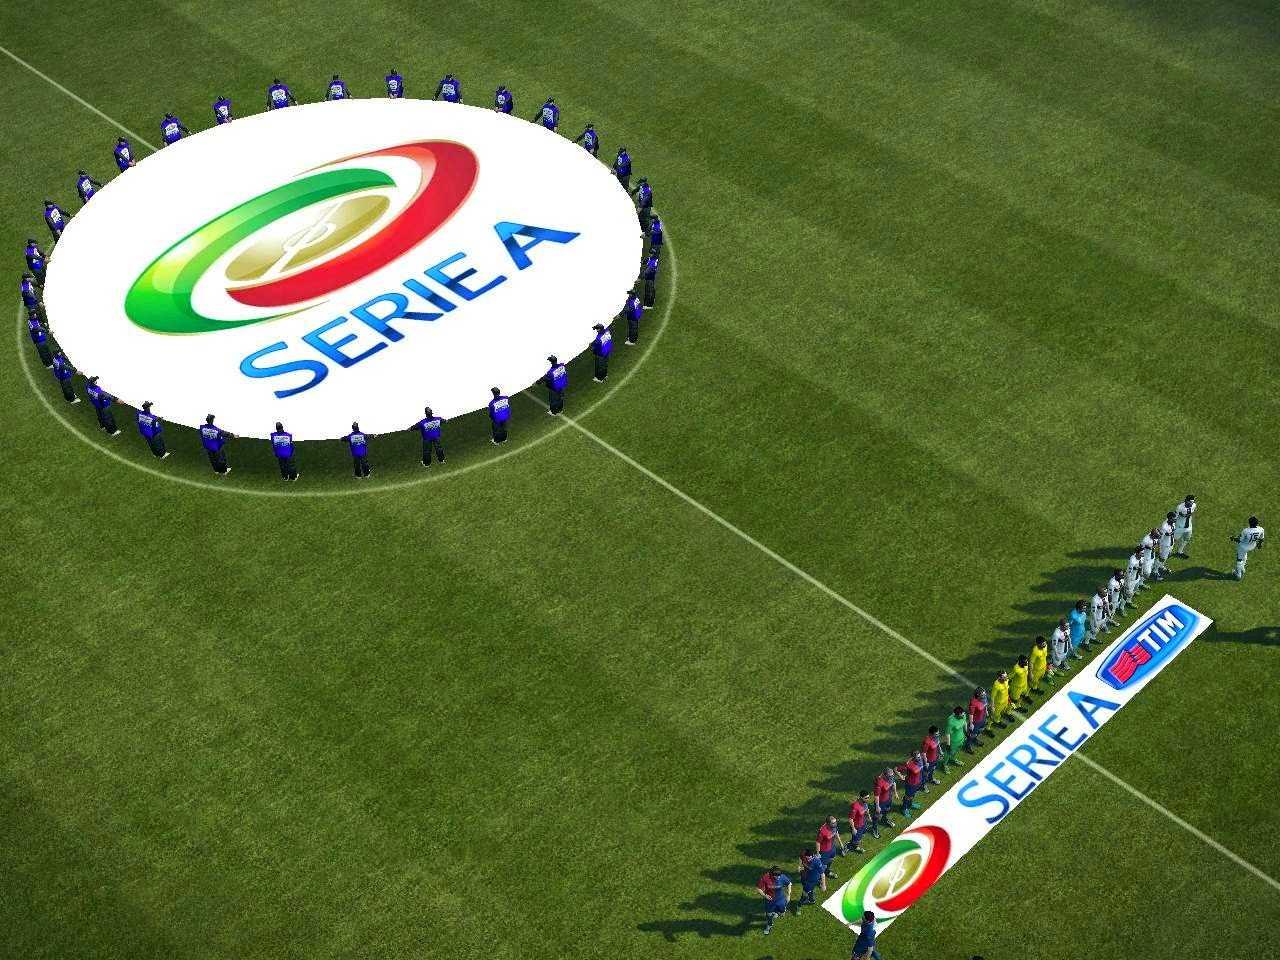 Serie-A 2016-17